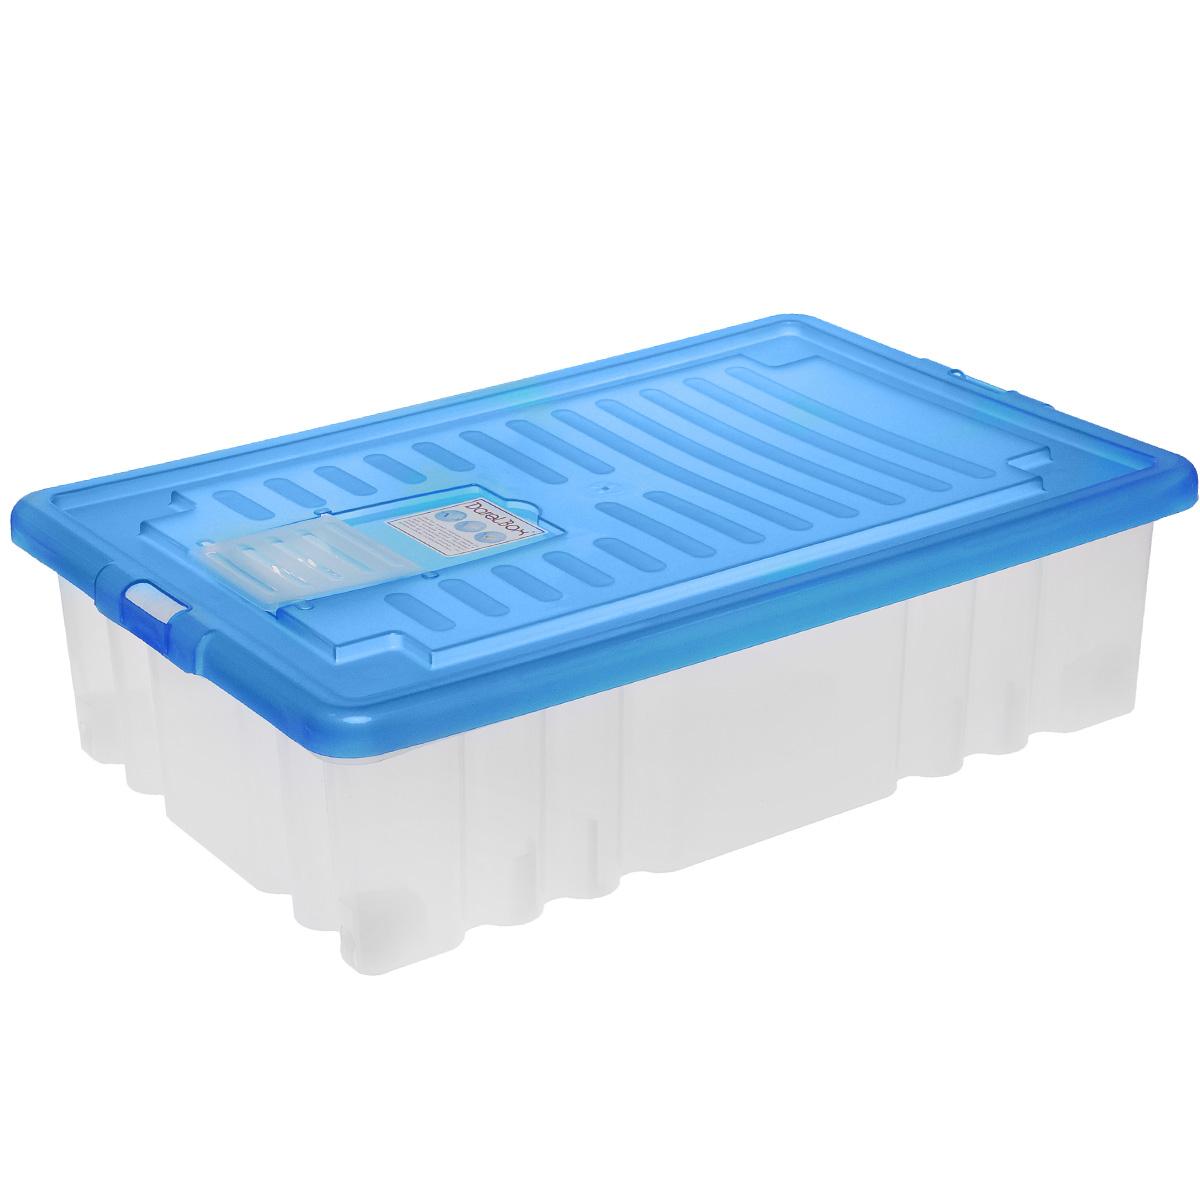 Ящик Darel Box, с крышкой, цвет: синий, прозрачный, 36 лЯФ0136Ящик Darel Box, изготовленный из пластика, оснащен плотно закрывающейся крышкой и специальным клапаном для антимолиевых и дезодорирующих веществ. Изделие предназначено для хранения различных бытовых вещей. Идеально подойдет для хранения белья, продуктов, игрушек. Будет незаменим на даче, в гараже или кладовой. Выдерживает температурные перепады от -25°С до +95°С. Изделие имеет четыре маленьких колесика, обеспечивающих удобство перемещения ящика. Колеса бокса могут принимать два положения: утопленное - для хранения, и рабочее - для перемещения. Размер ящика: 61 см х 40 см х 17 см.